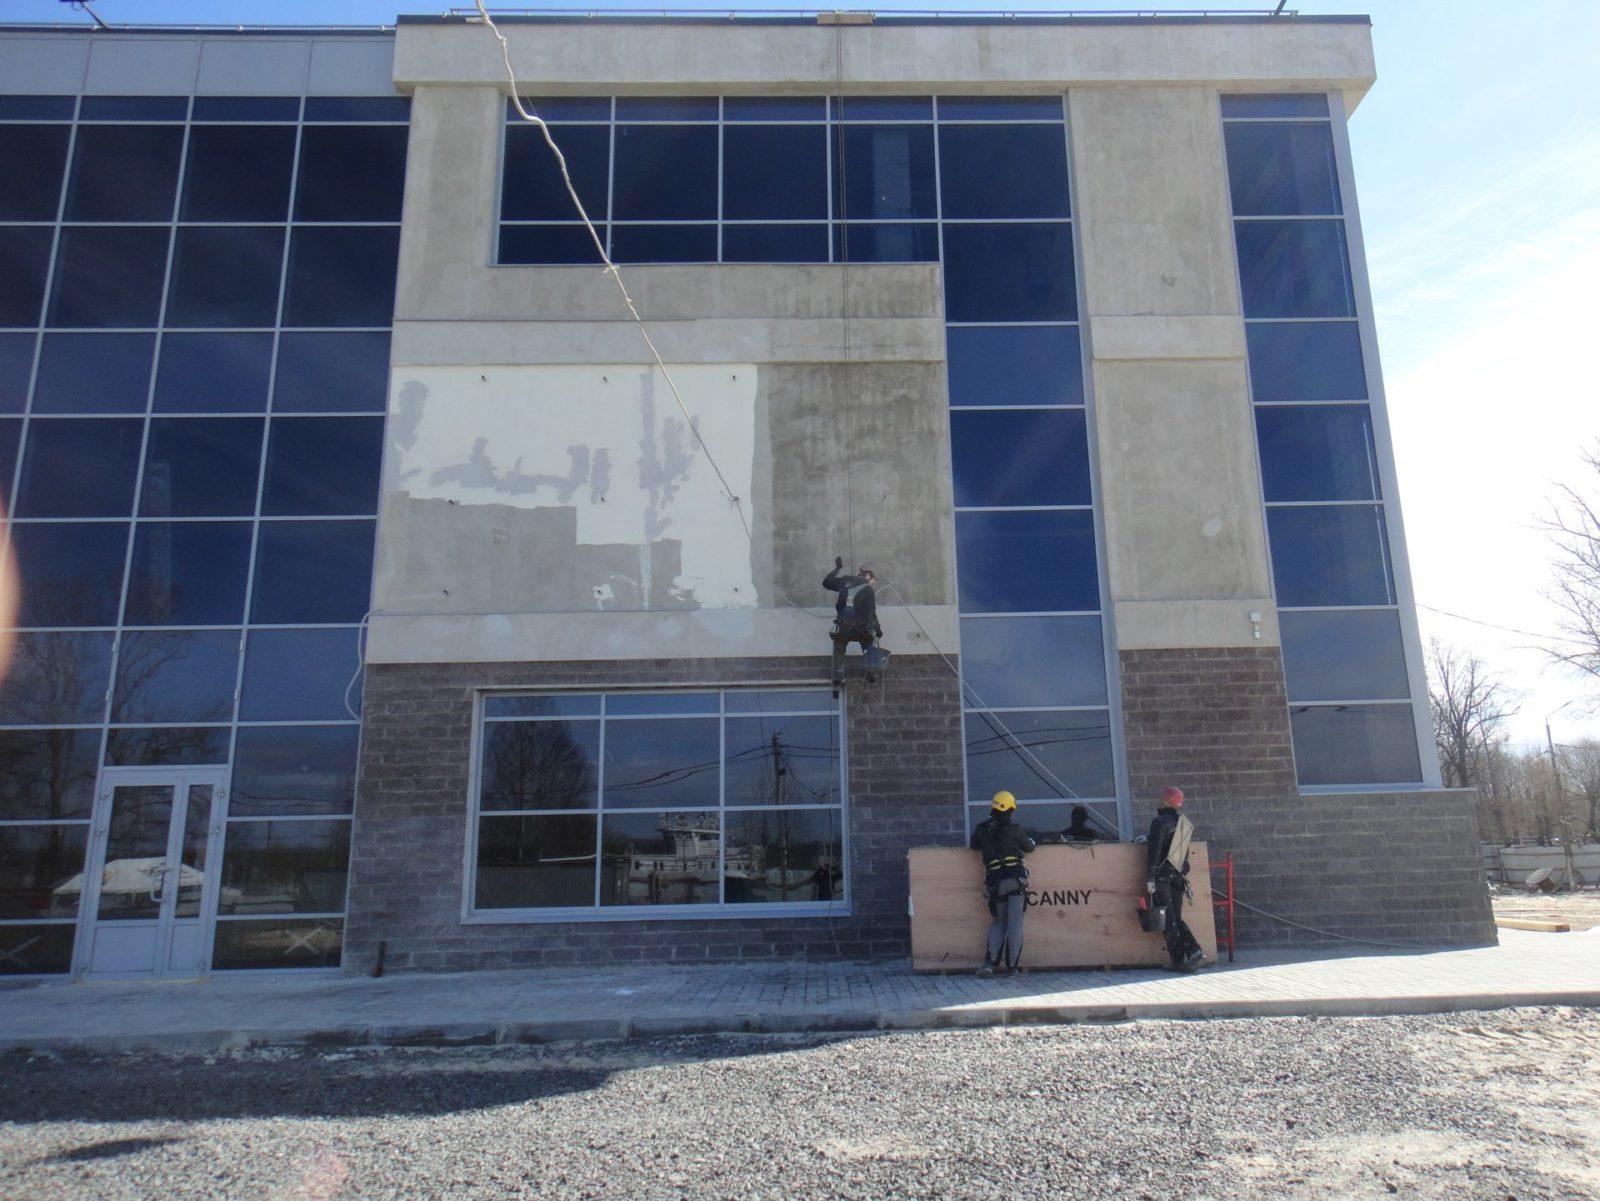 Выполнены работы косметического характера по устройству нового штукатурного фасада для Торгово-Развлекательного Комплекса